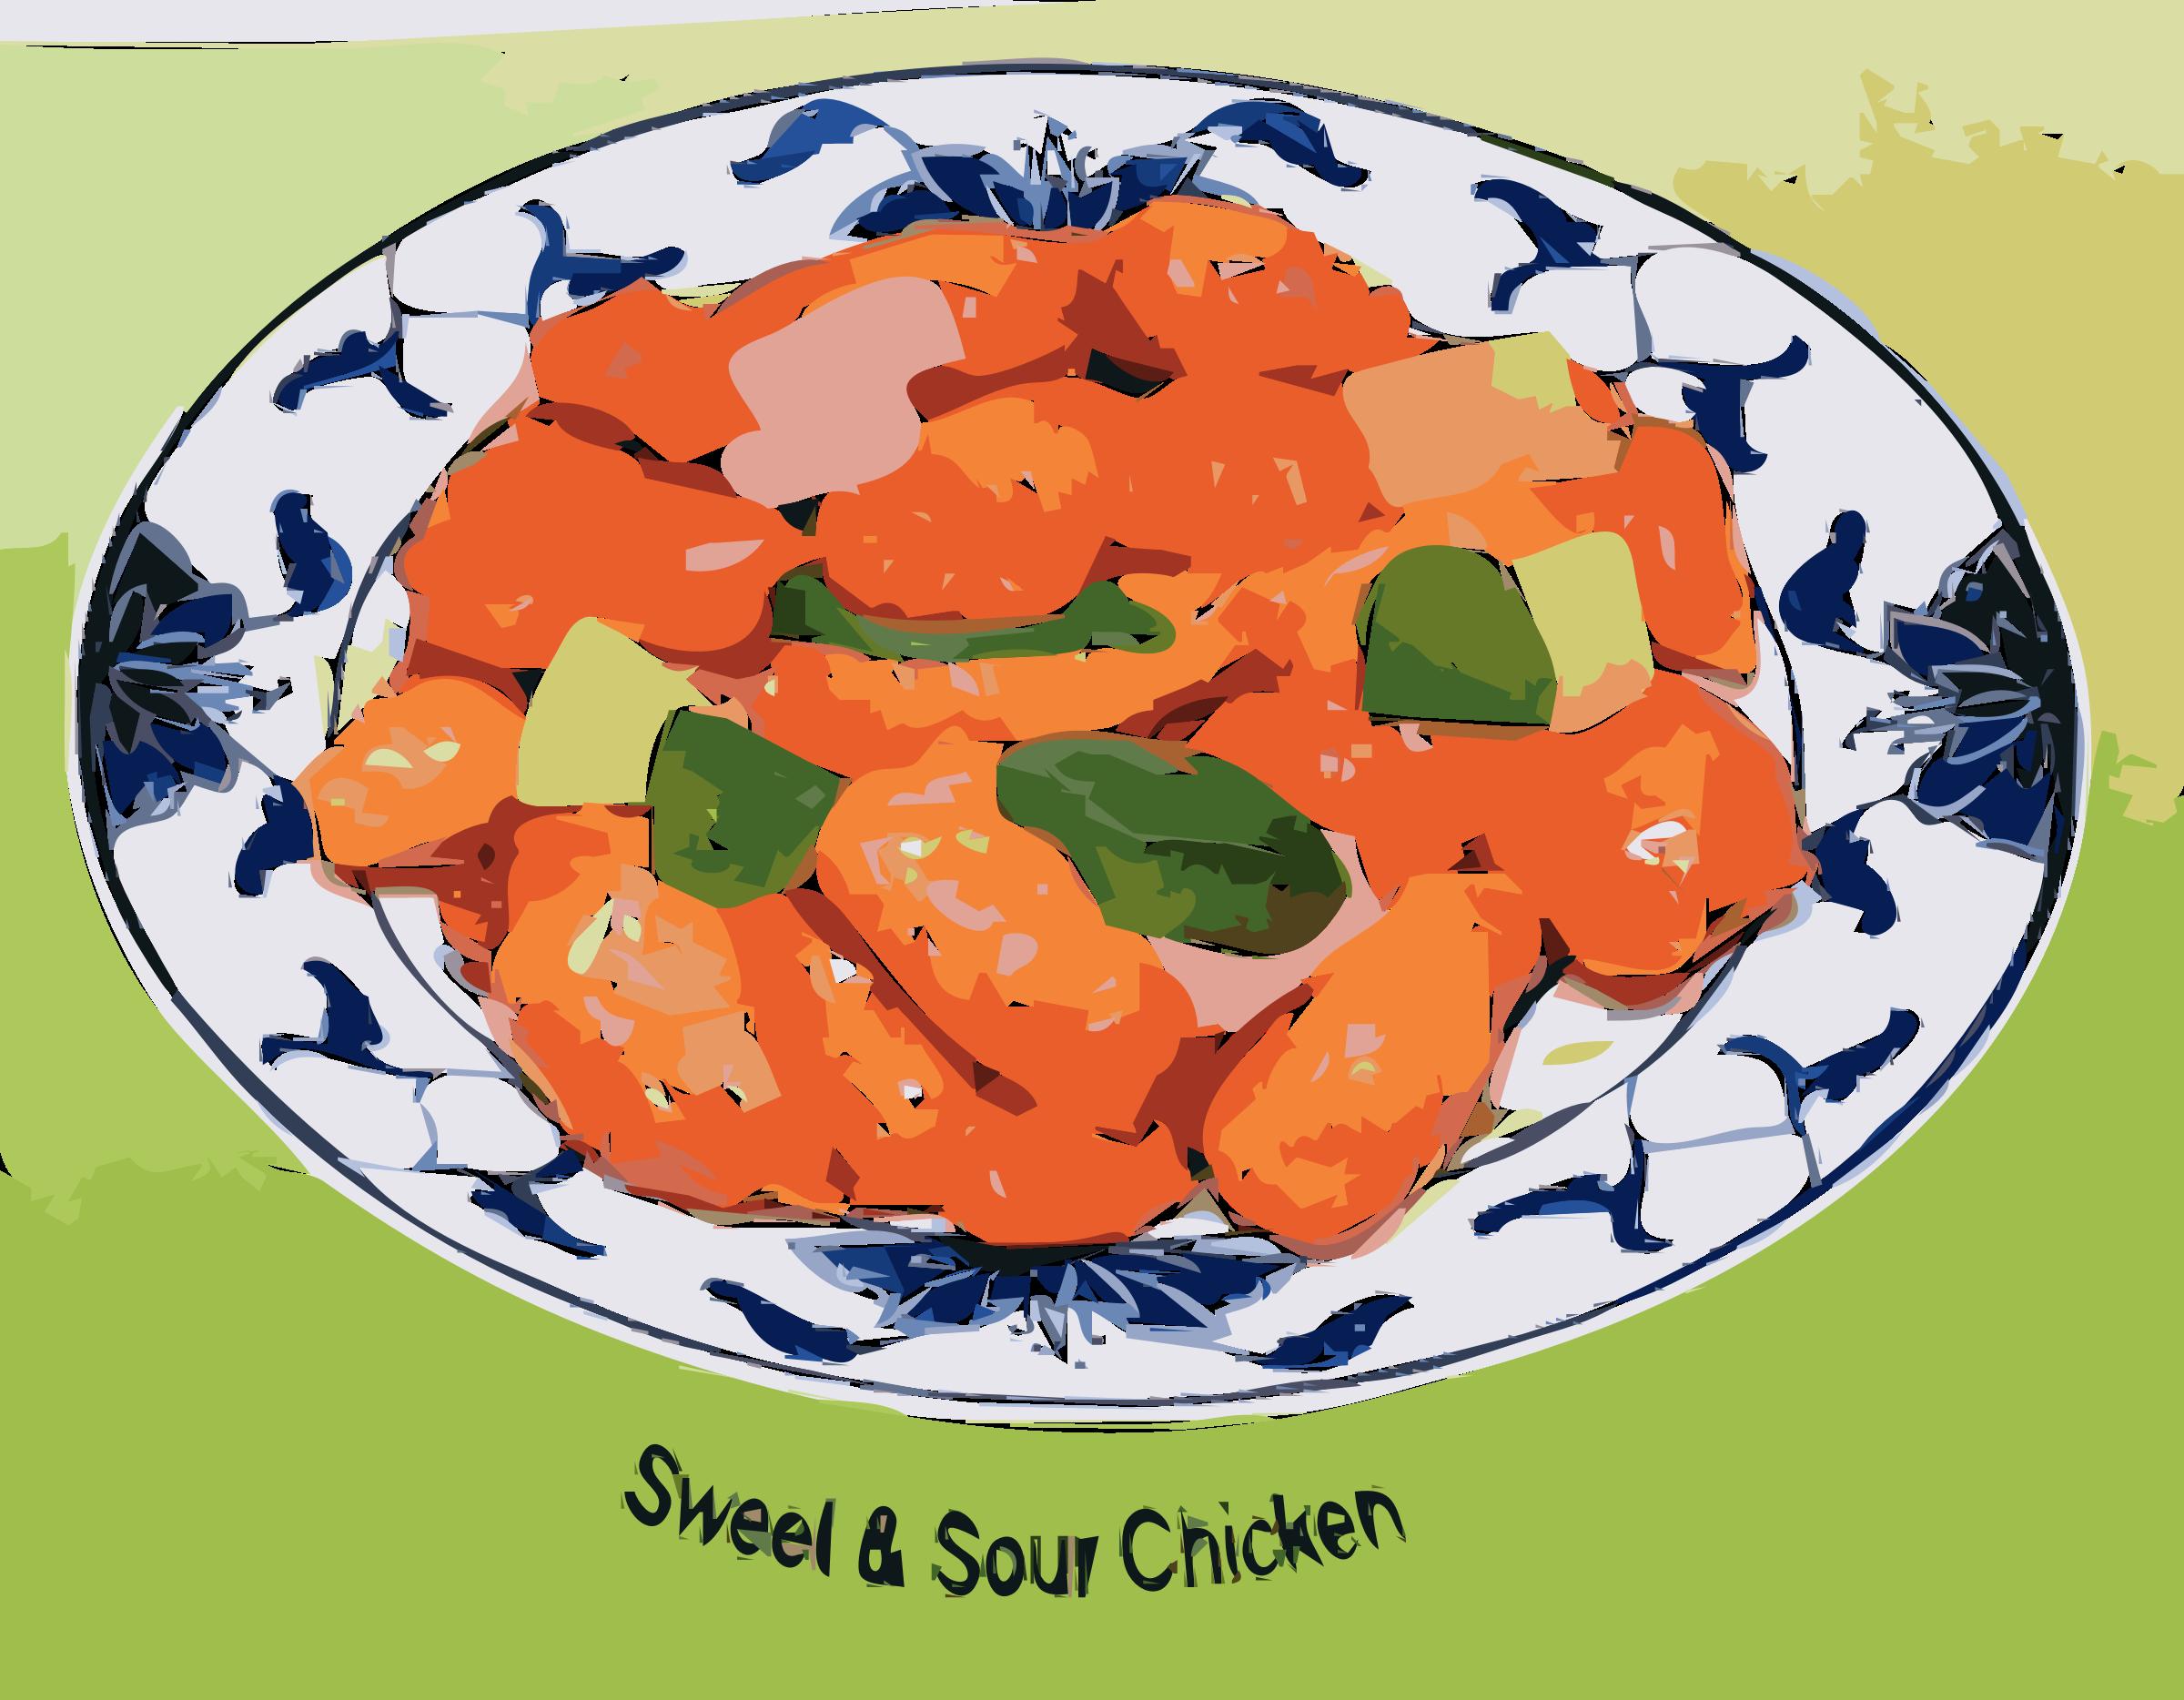 Chicken clipart orange chicken. Sweet sour big image